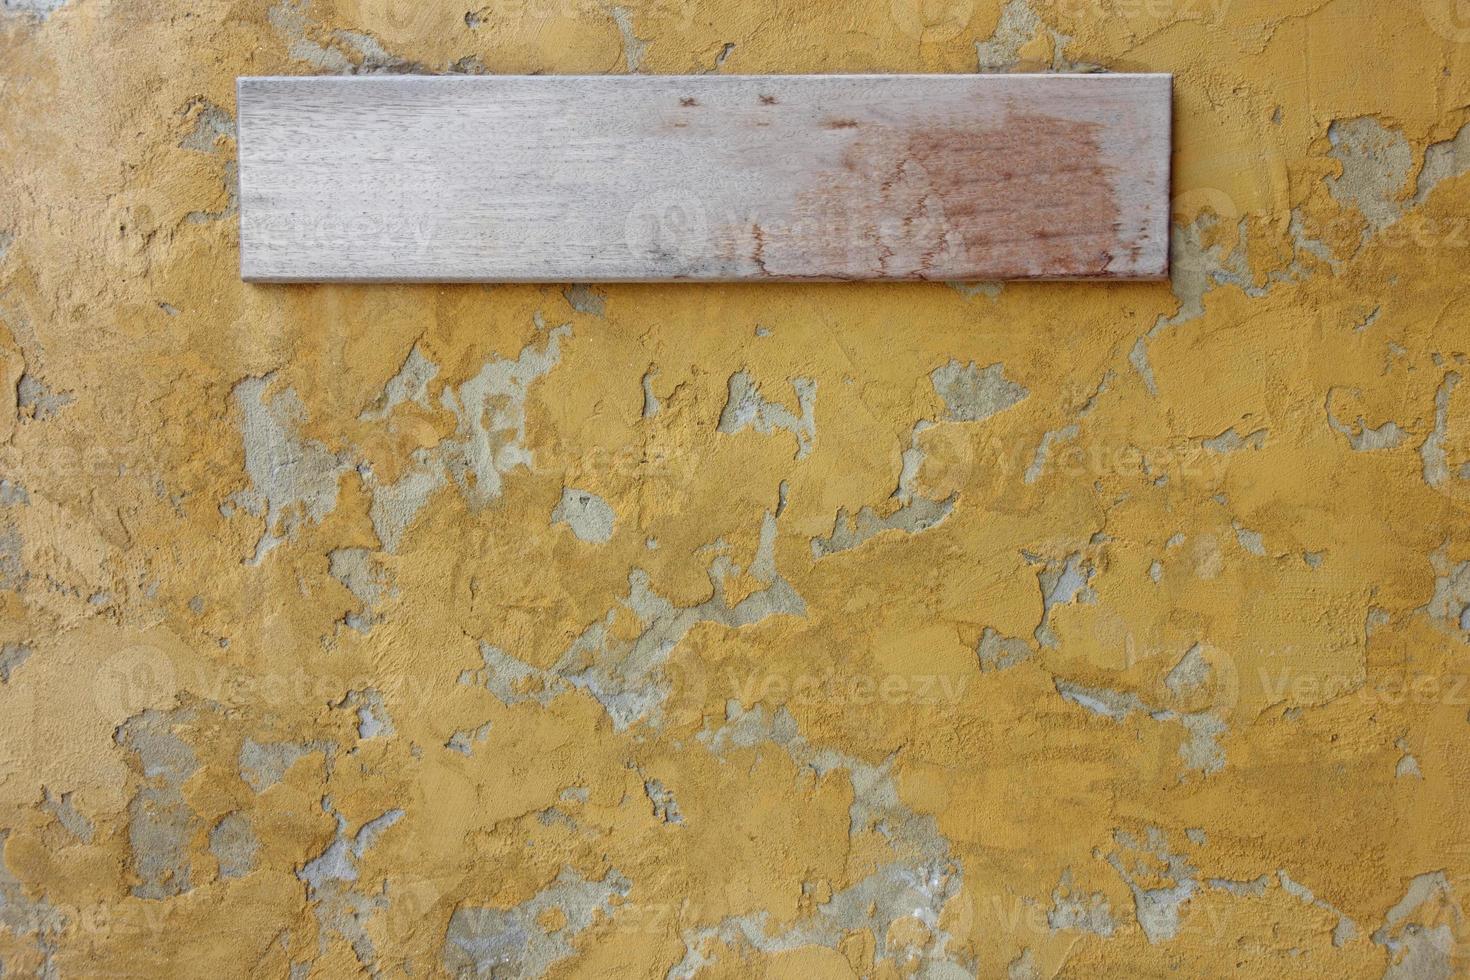 panneau en bois sur mur de béton. photo